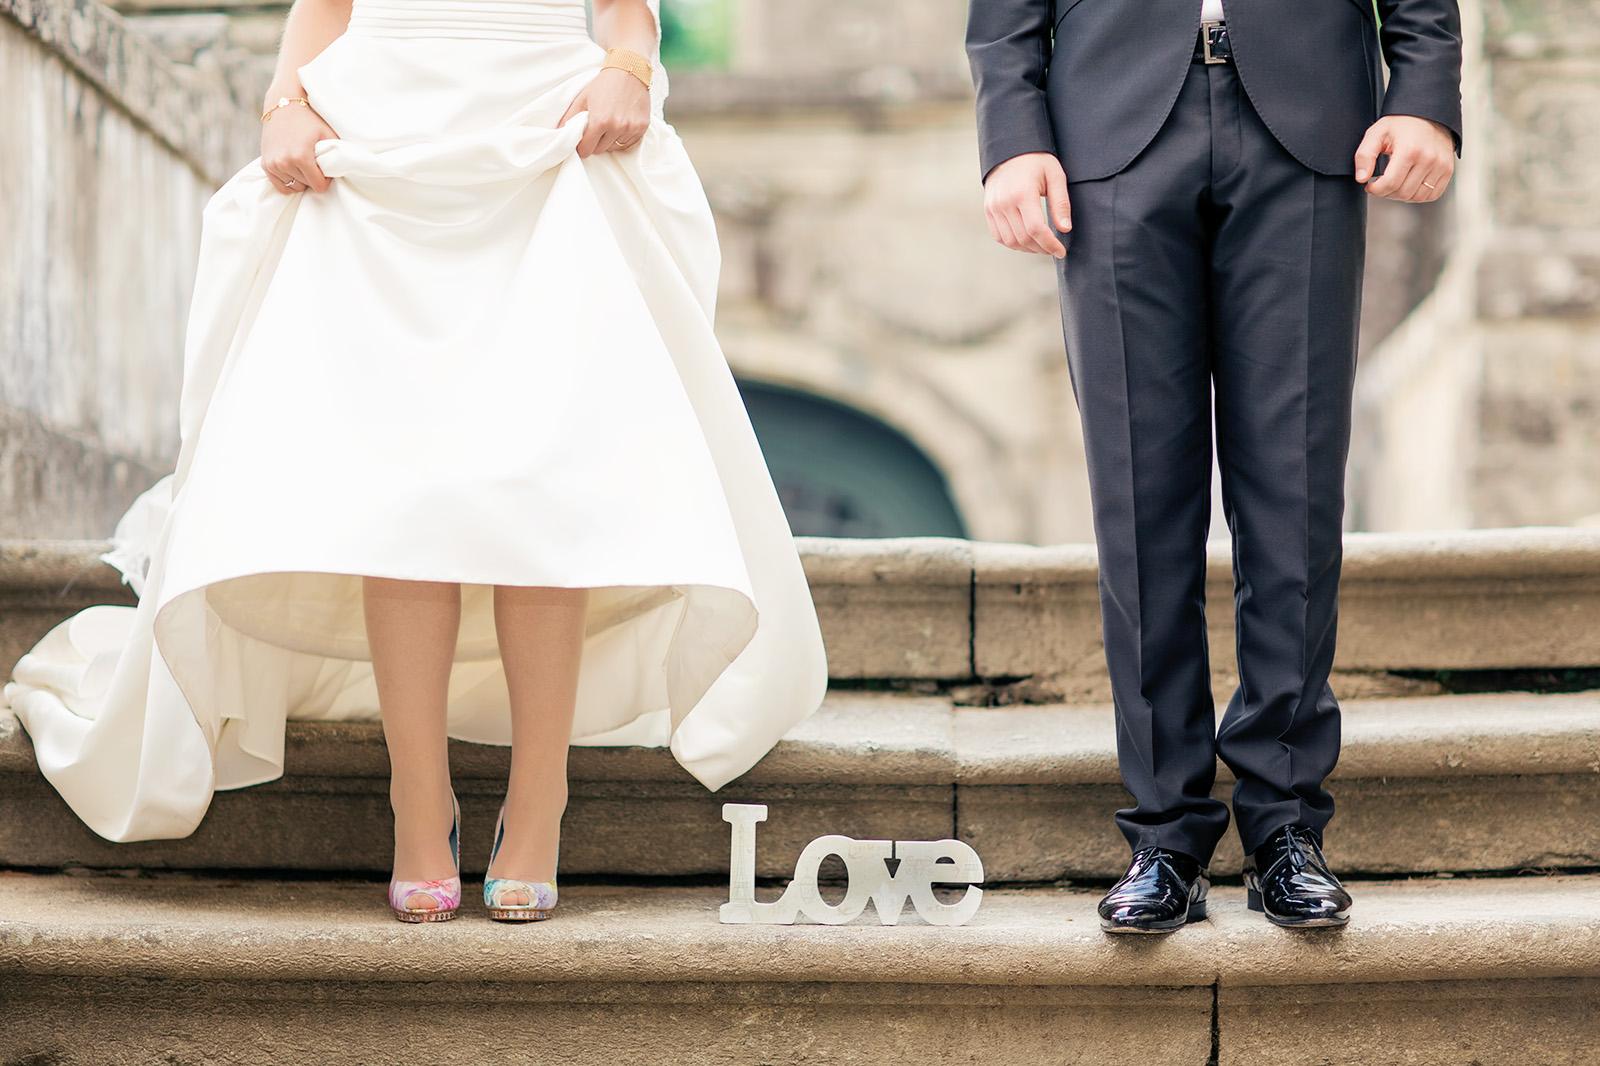 Vintage Wedding Jaime Neto Photography - Joana e Tiago - fotografia de casamento